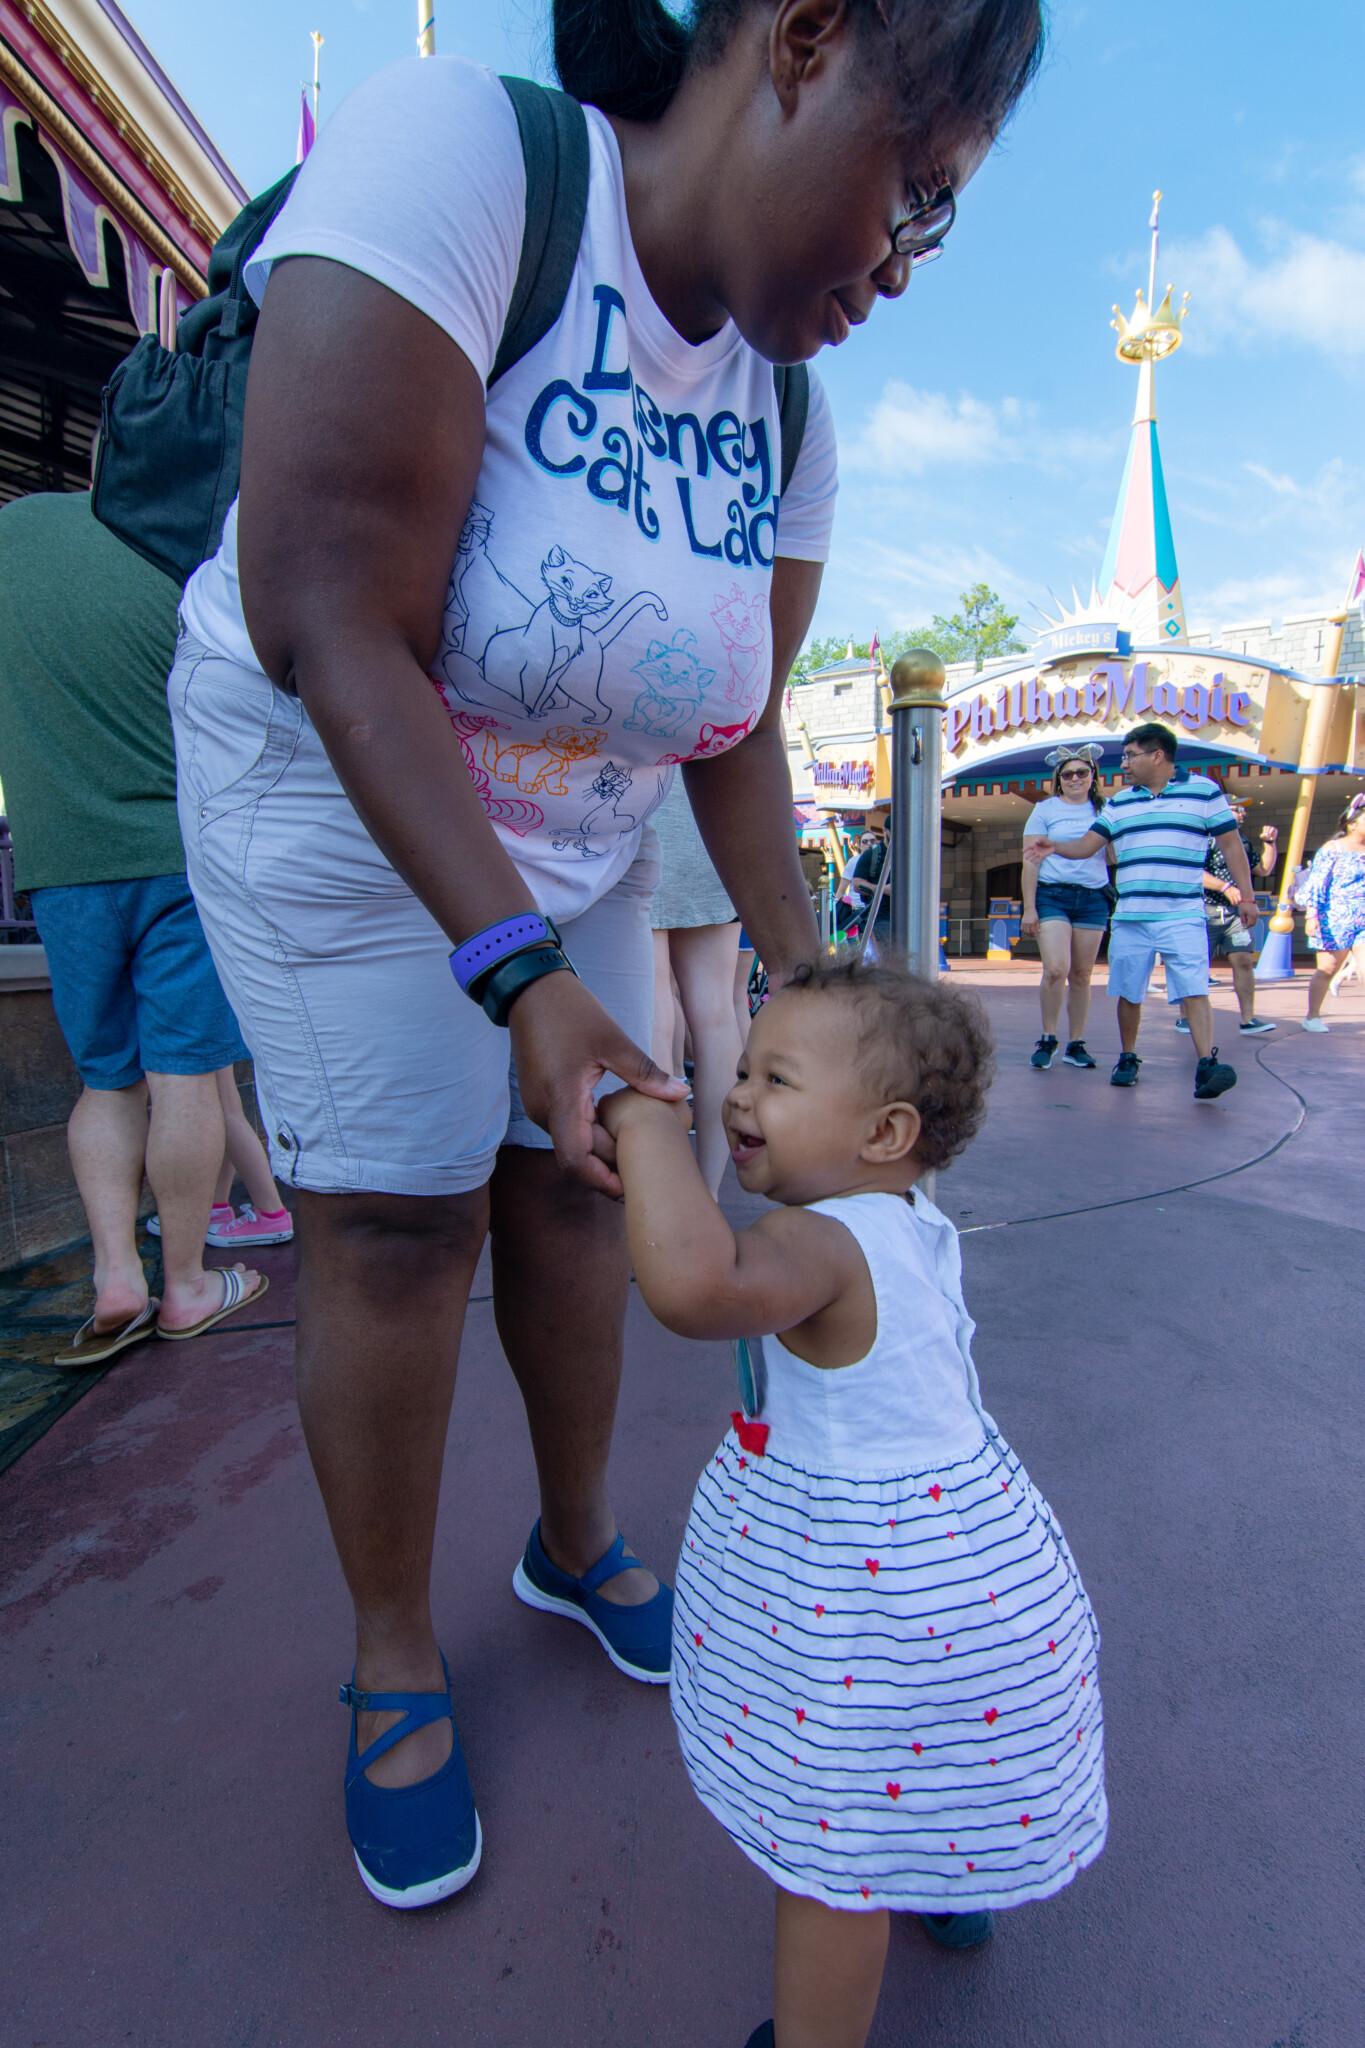 2 semaines en Floride avec un bébé de 1 an - Séjour du 2 au 16 mai 2019 DCL + WDW - Page 15 DSC_7849-1365x2048